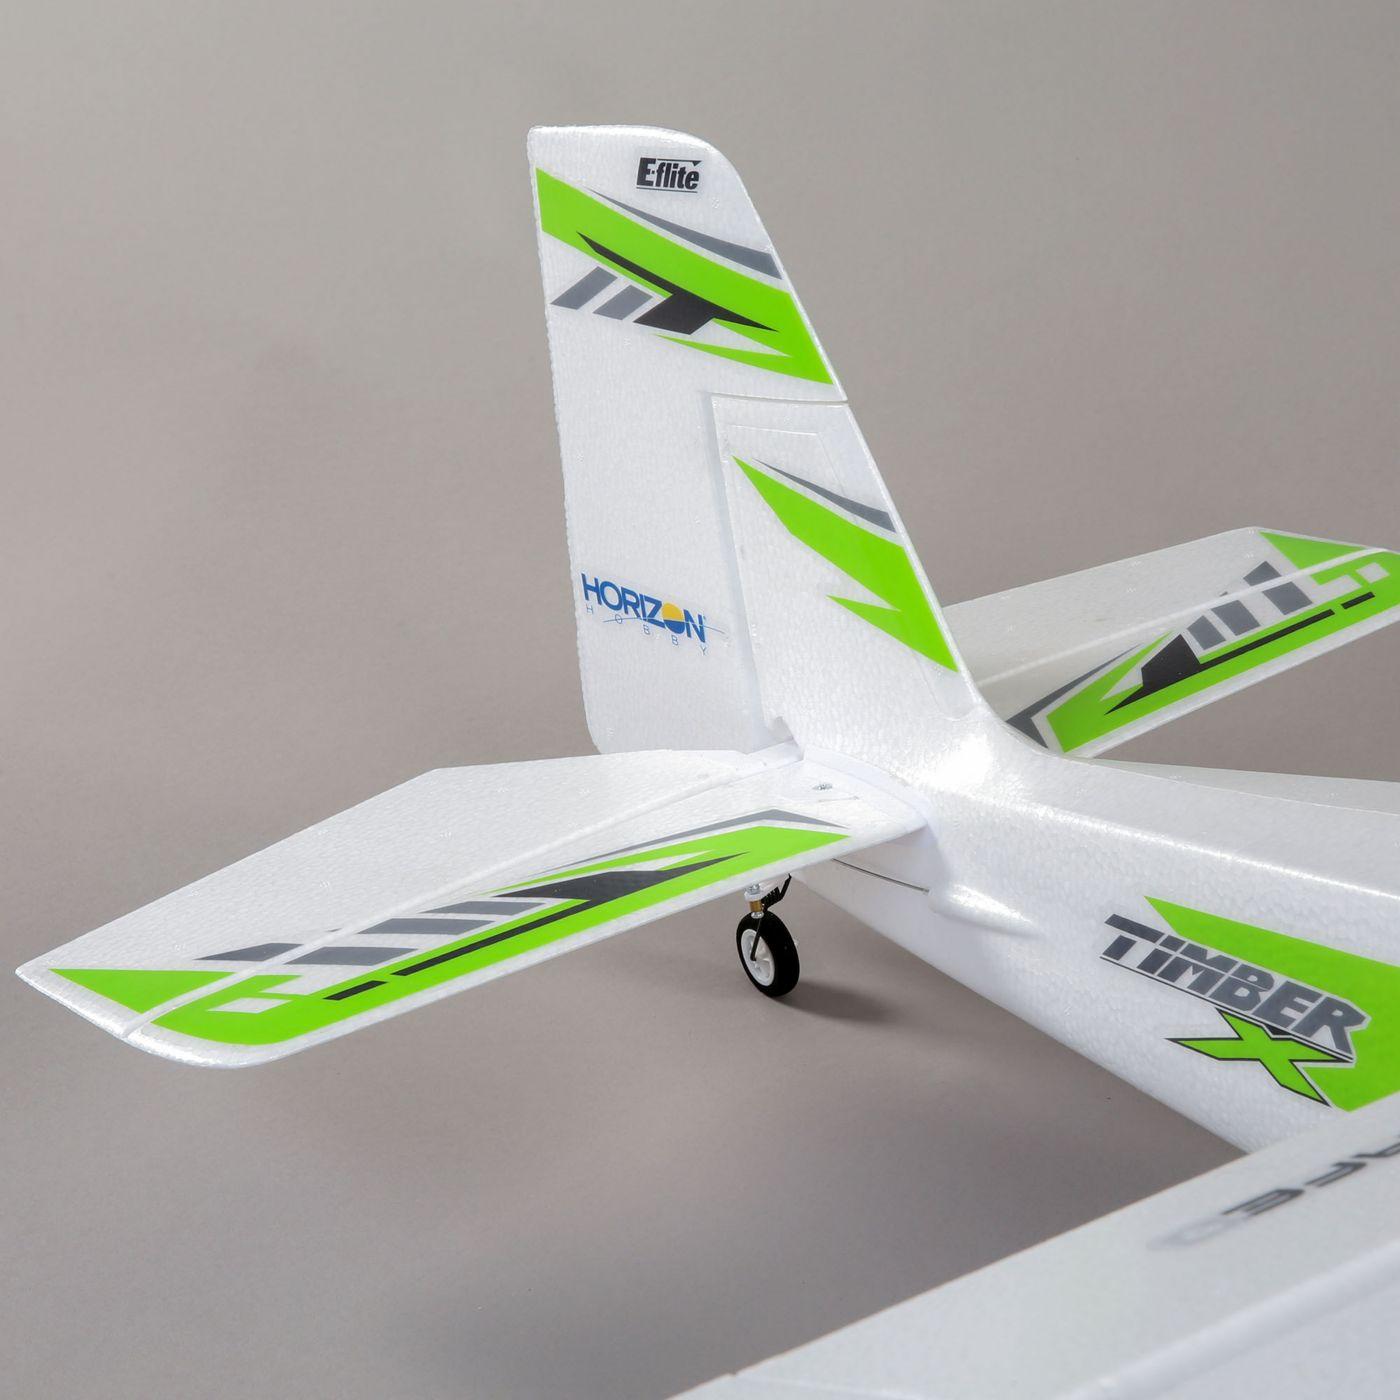 Timber X E-flite